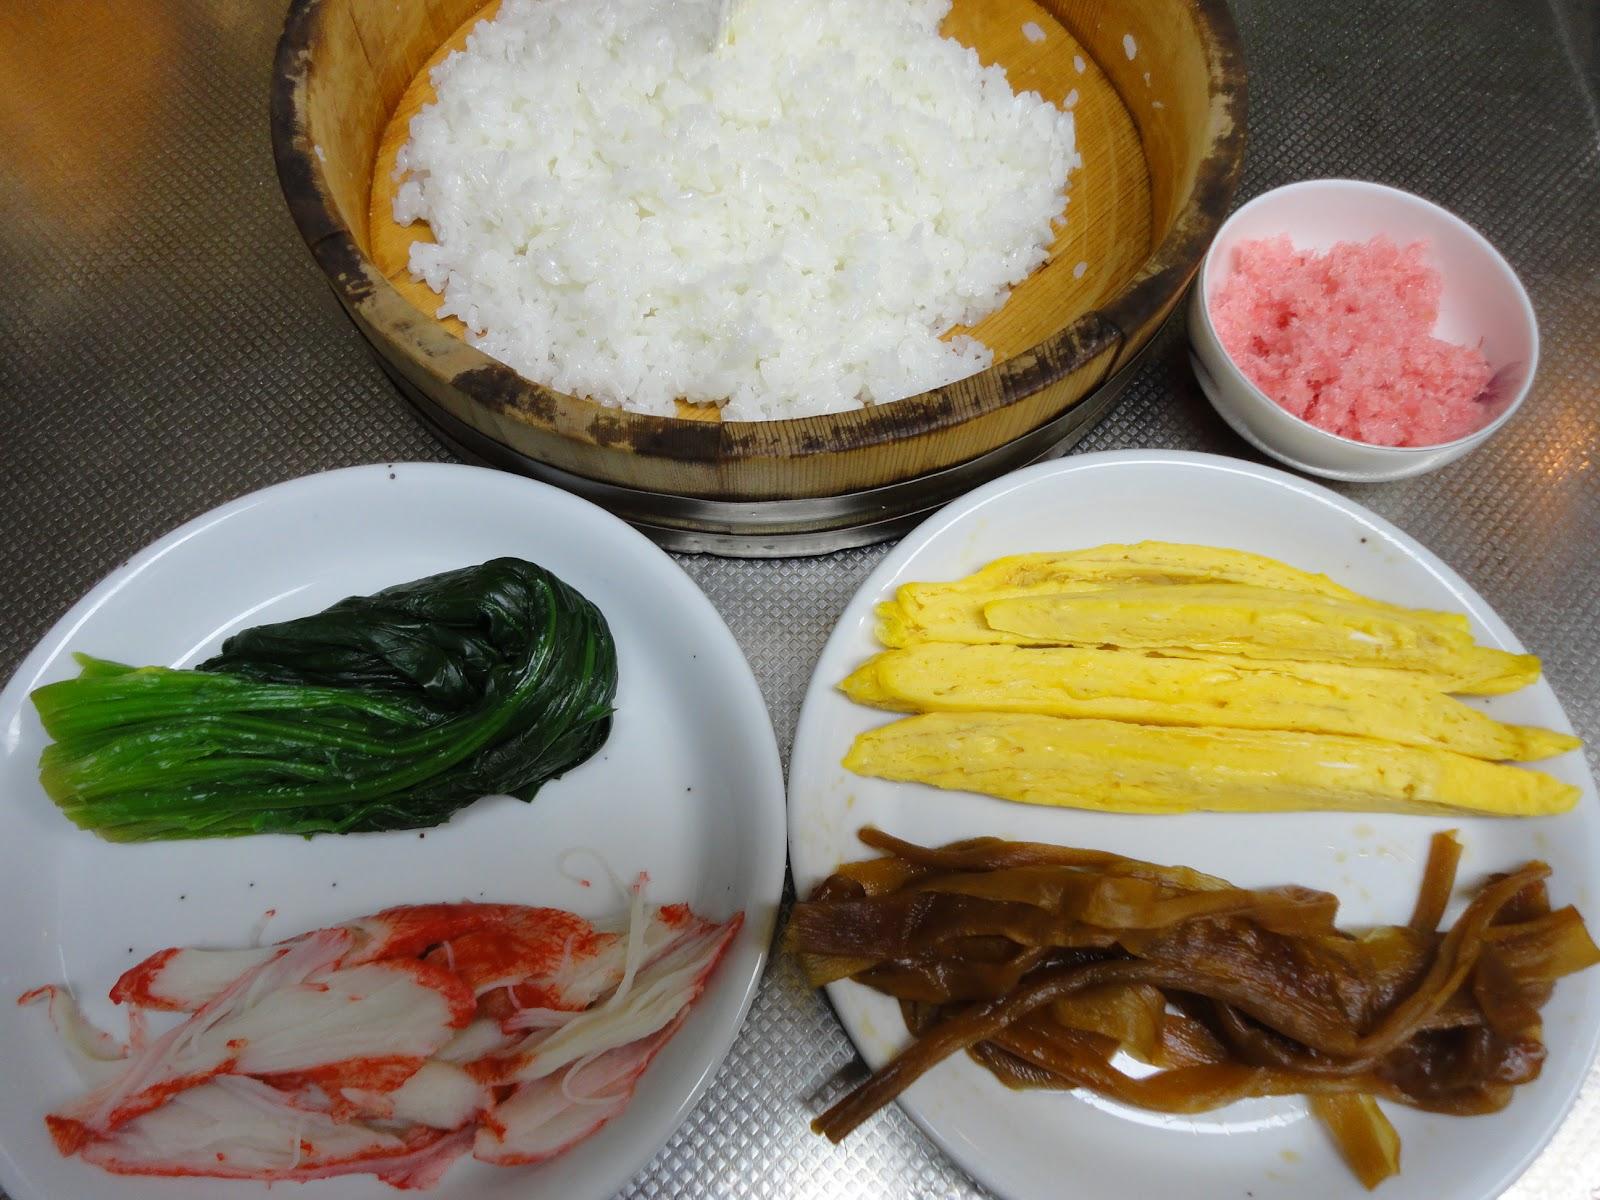 Ma vraie cuisine japonaise rouleau de sushi futomaki - Ma vraie cuisine japonaise ...